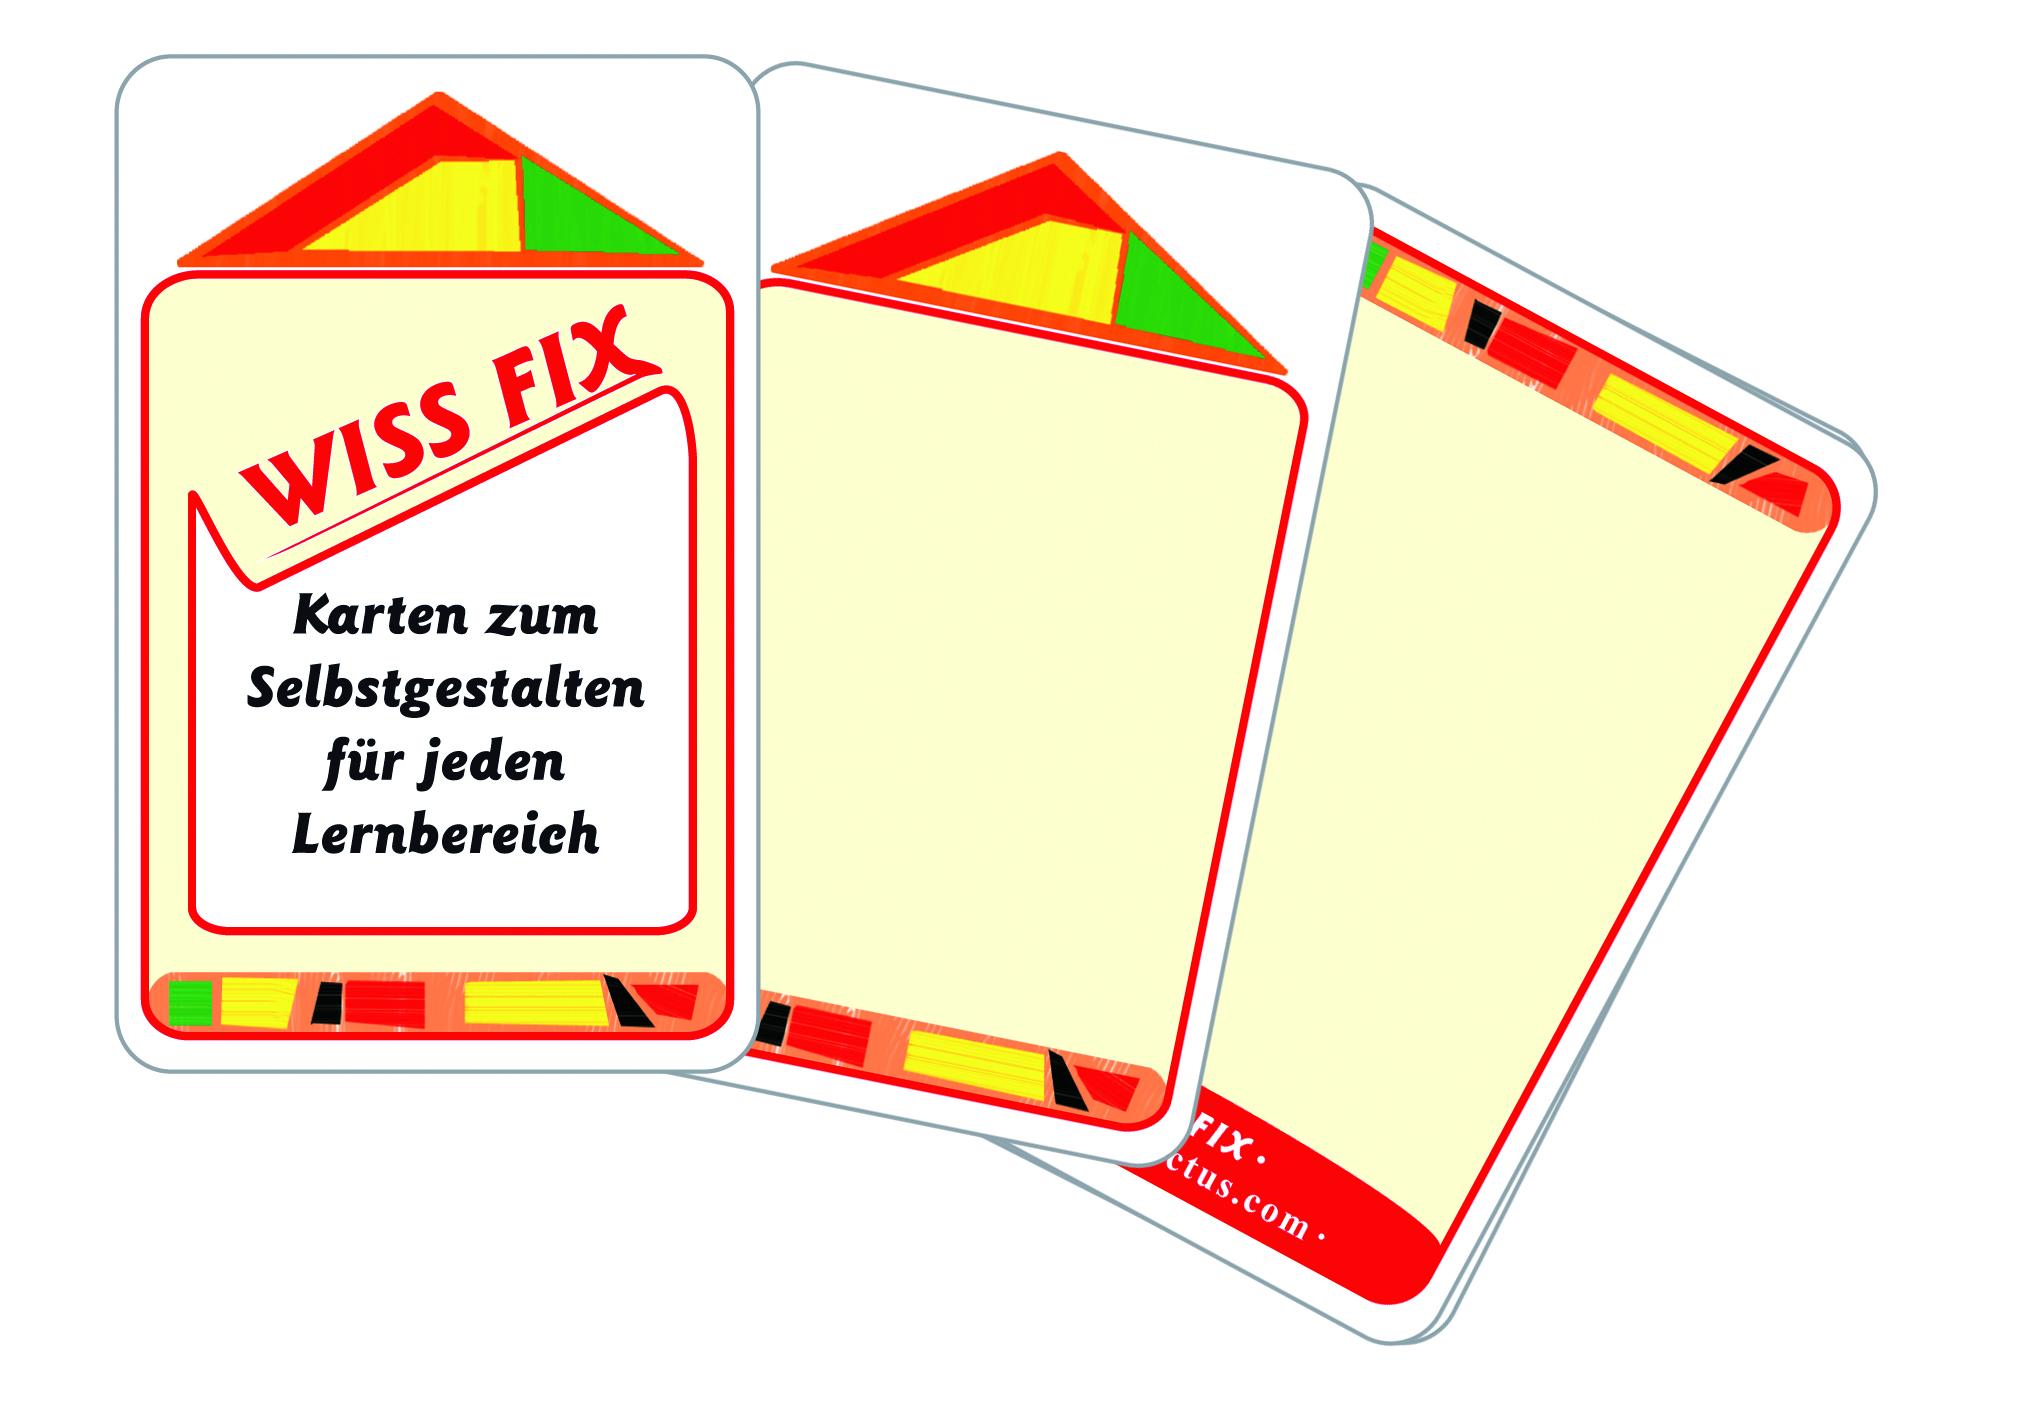 Wissfix-Kartensatz zum Selbstgestalten